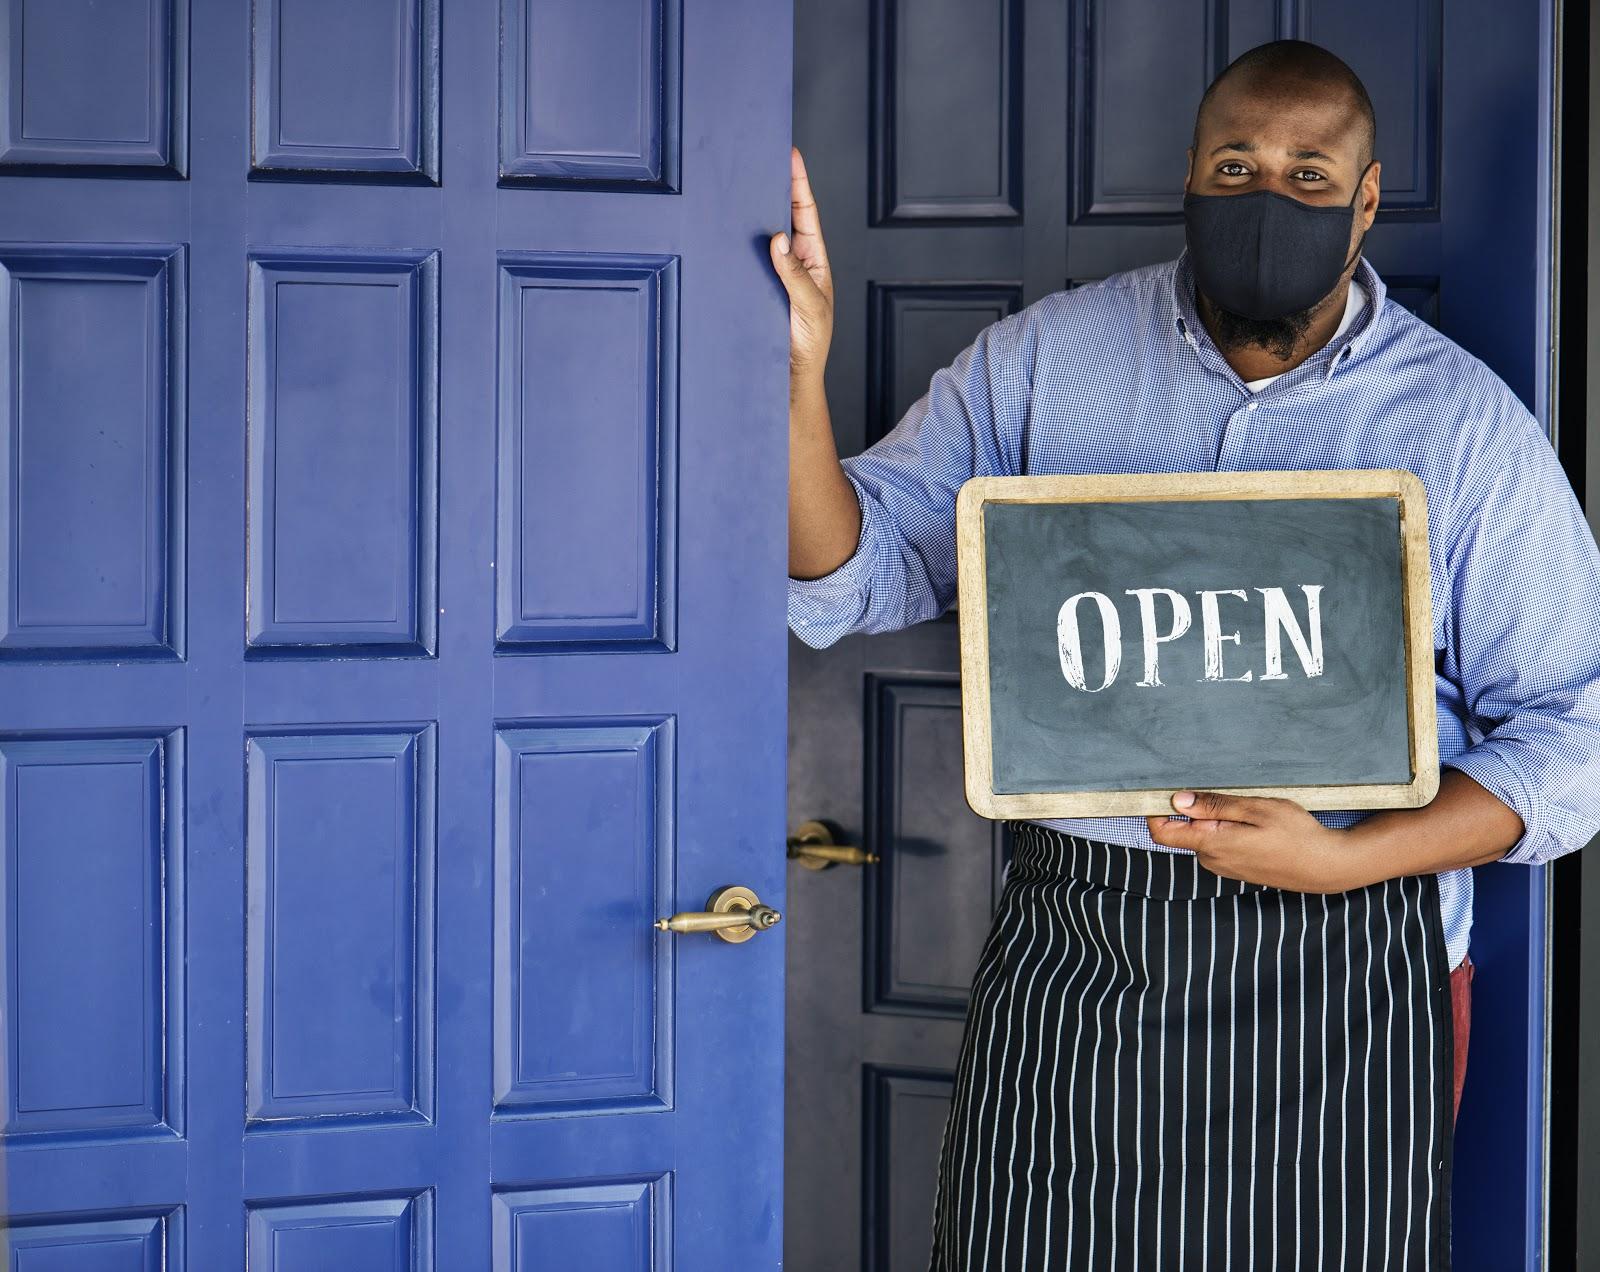 Dono de negócio usando máscara durante pandemia